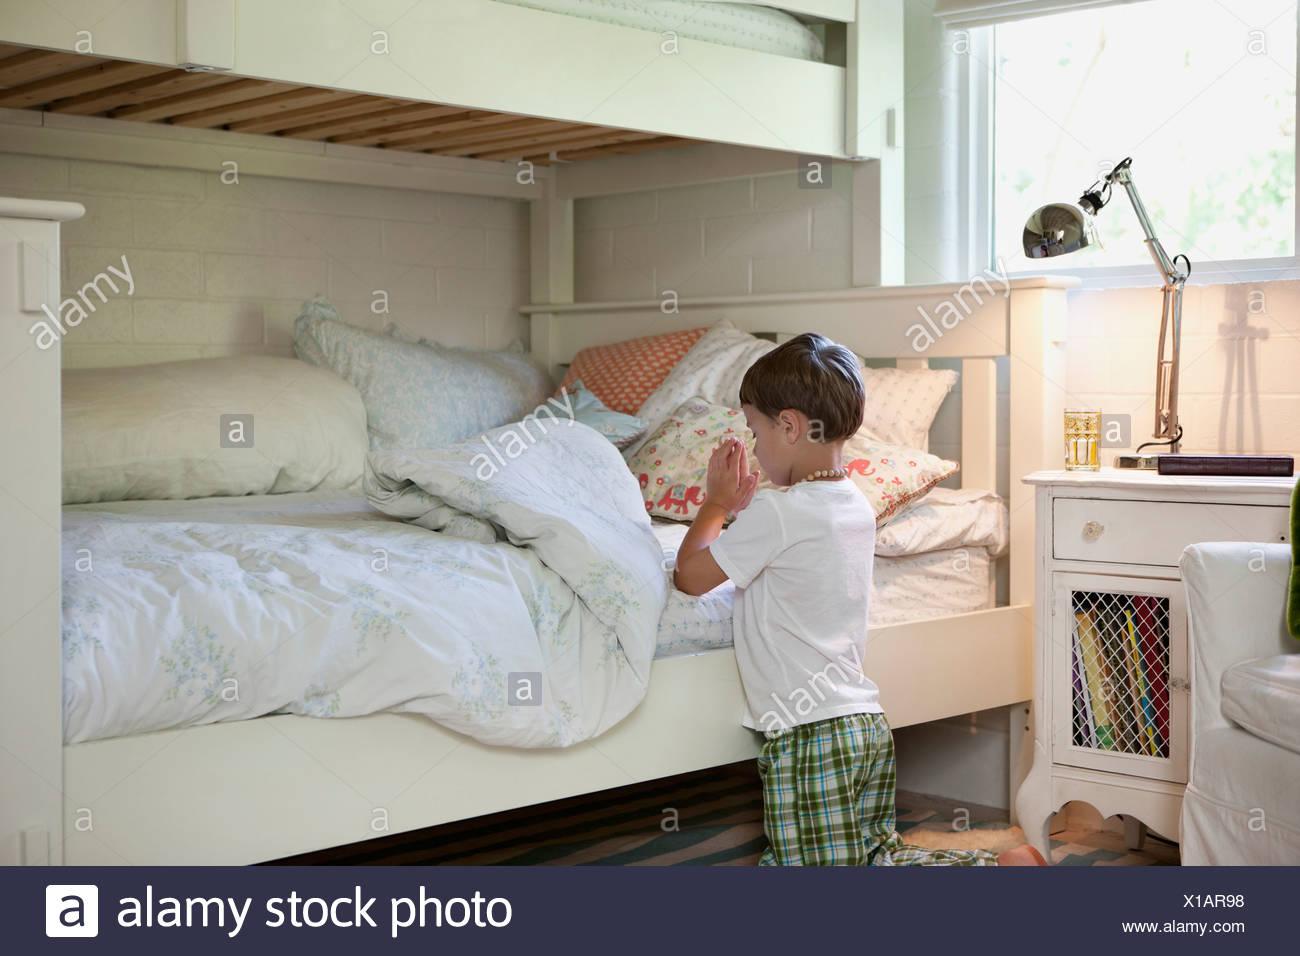 Boy praying before bed - Stock Image